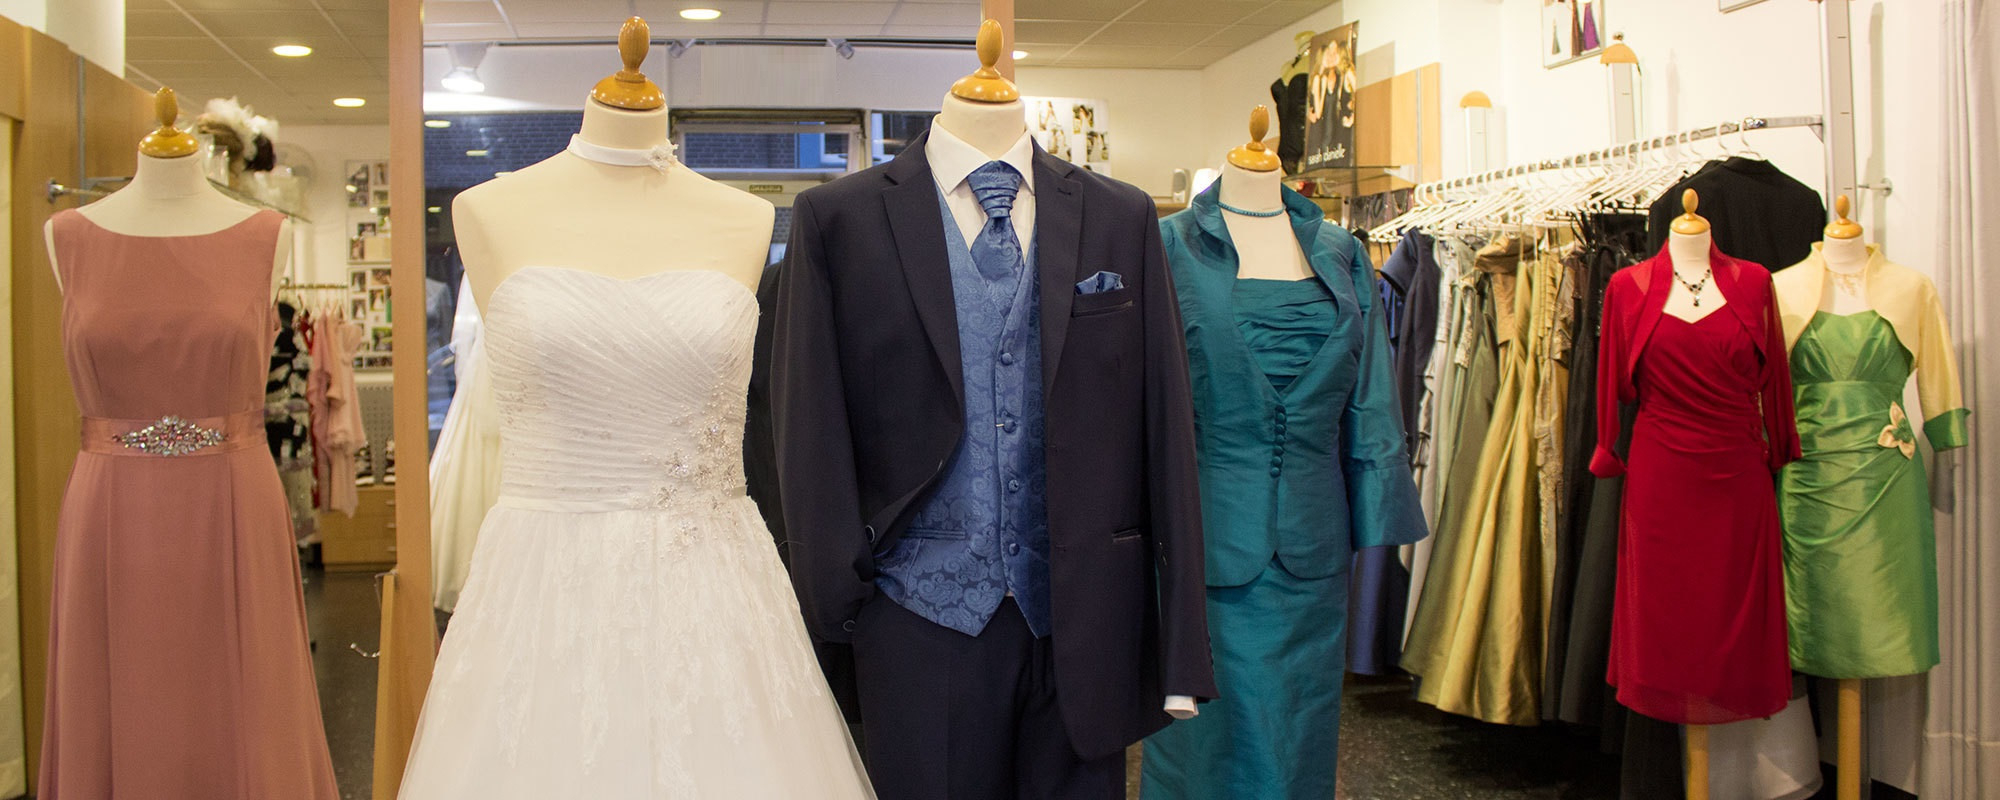 Formal Großartig Abendkleider In Essen StylishAbend Ausgezeichnet Abendkleider In Essen Vertrieb